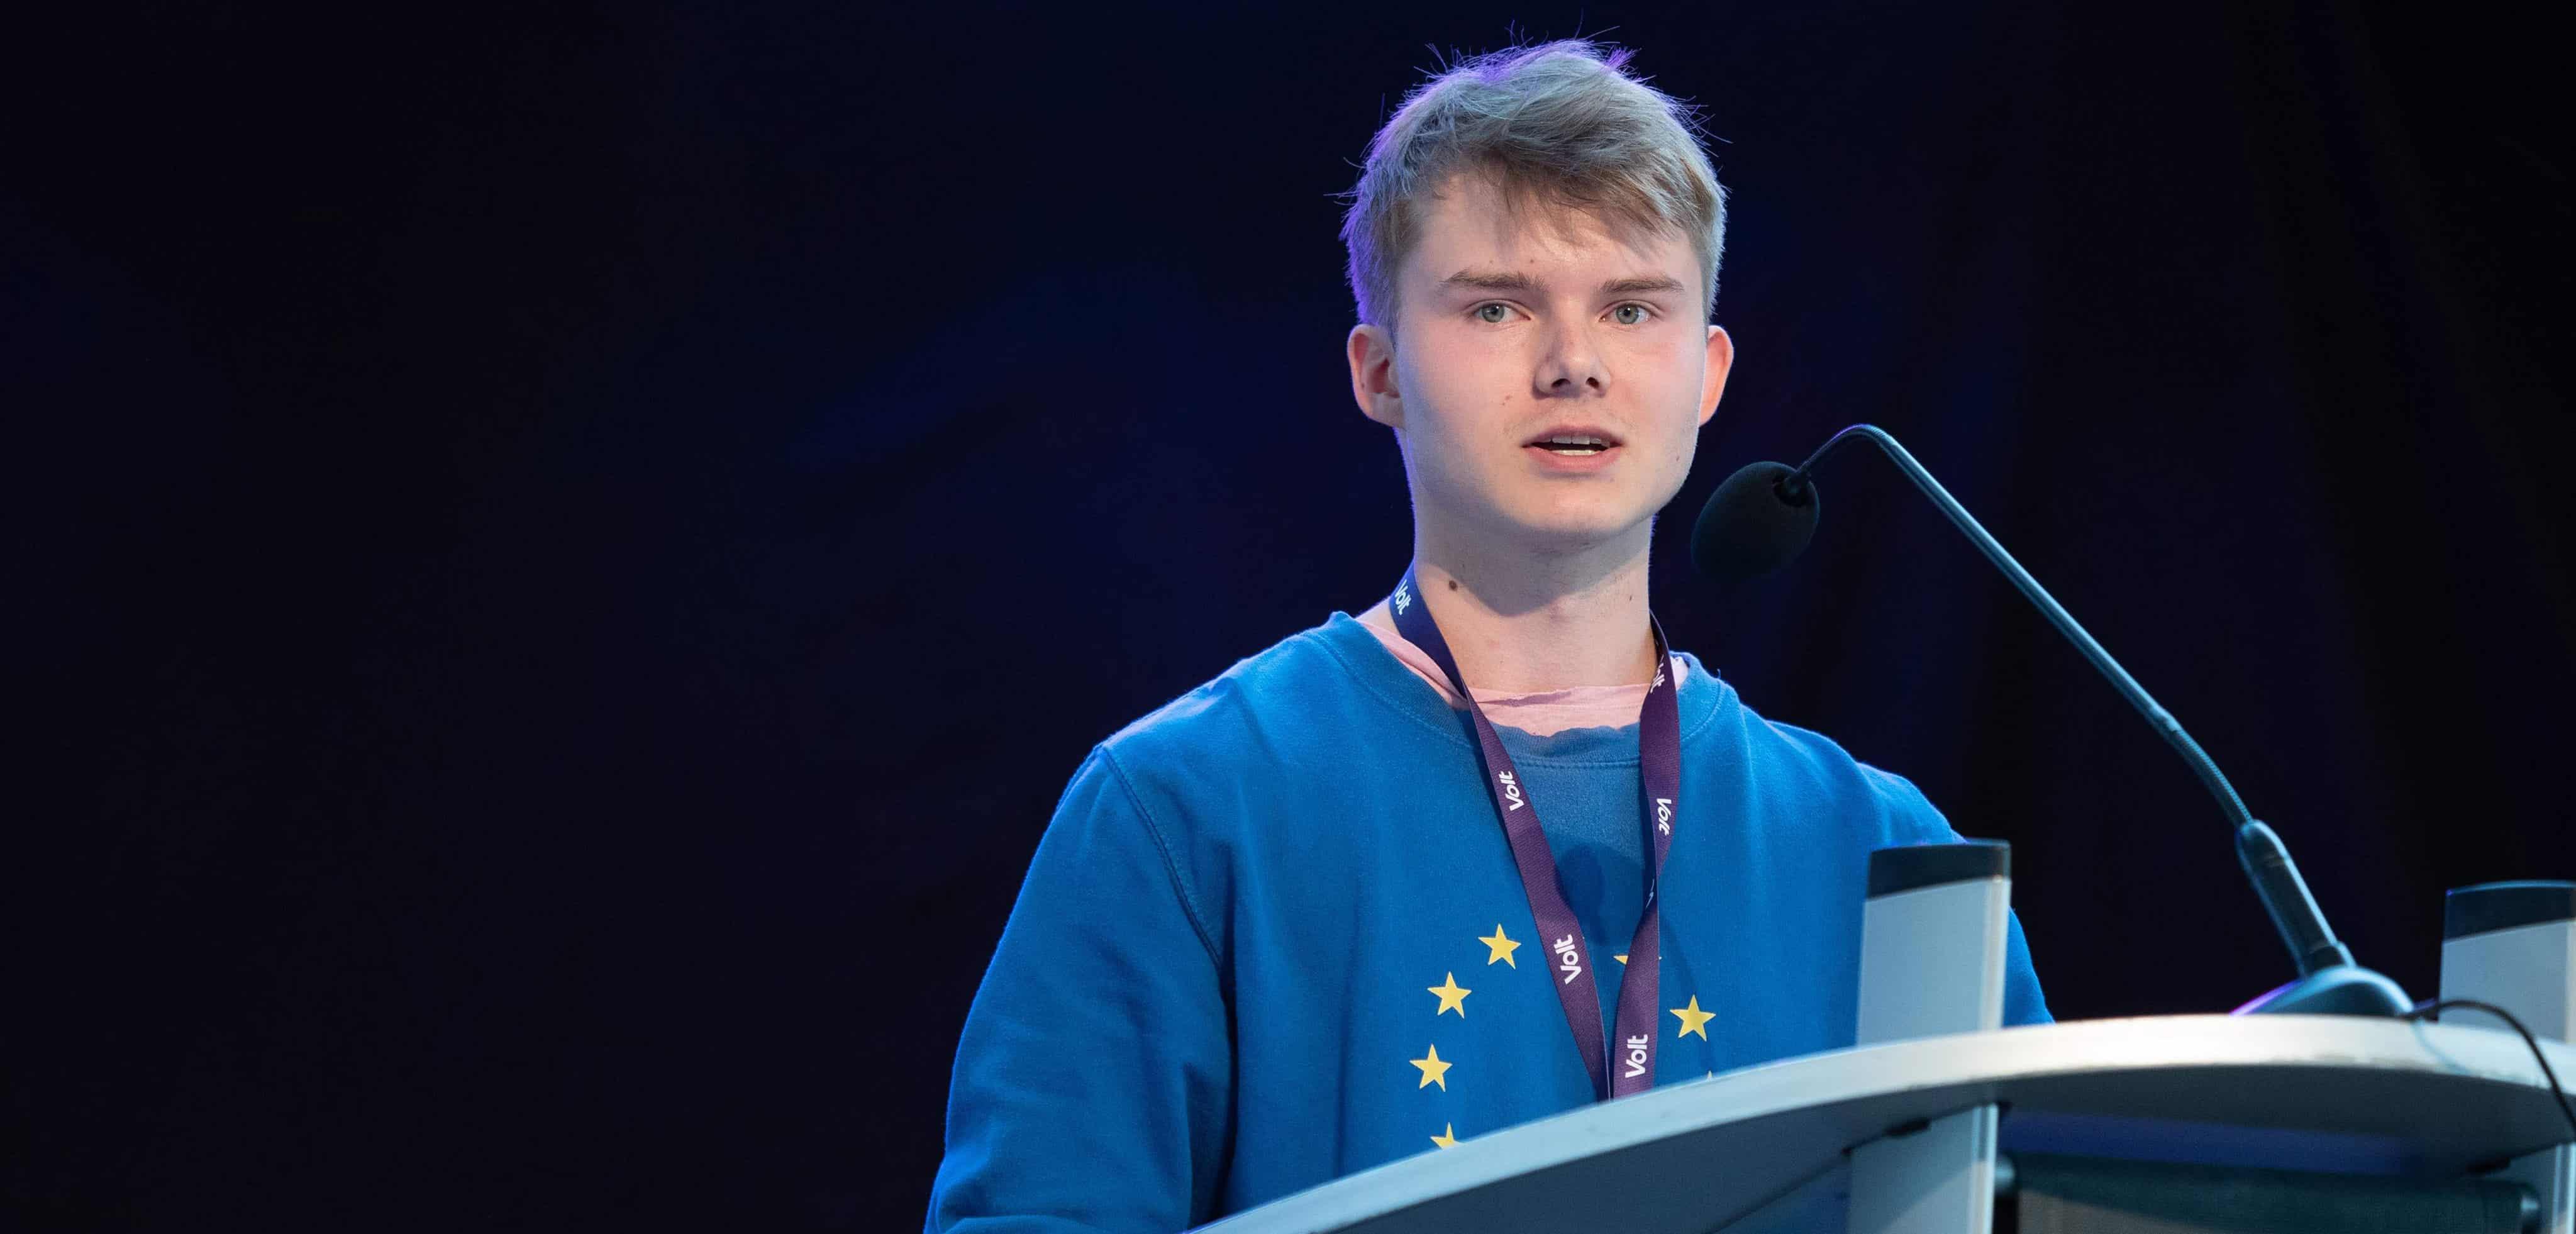 Volt ist jung, sowohl vom Gründungstag der Partei her als auch vom Alter der Mitglieder. Junge Menschen sind hier sichtbarer als in anderen Parteien. Im Vergleich zu der antieuropäischen Stimmung rund um den Brexit liefert Volt einen gegensätzlichen Ansatz, der die gesamteuropäische Politik verfolgt. Um mehr über die erst 2017 gegründete Partei herauszufinden, haben wir mit Konstantin Feist gesprochen. Der 19-Jährige ist seit Juli 2018 Mitglied bei Volt und einer der stellvertretenden Parteivorsitzenden.